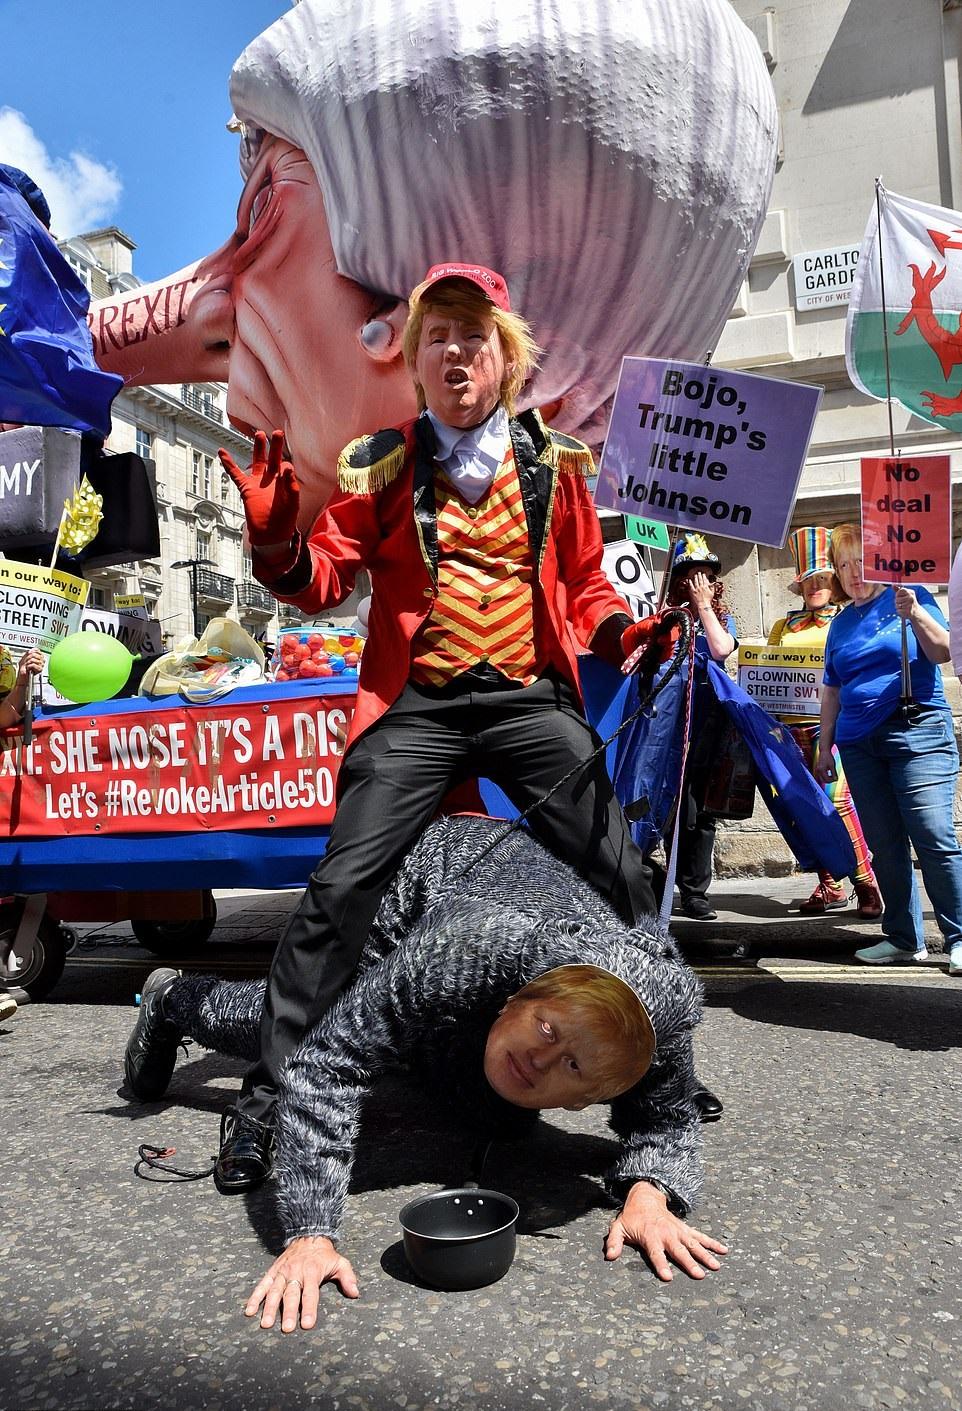 有人打扮成小丑和狗,諷刺約翰遜奉承美國總統特朗普。 網圖